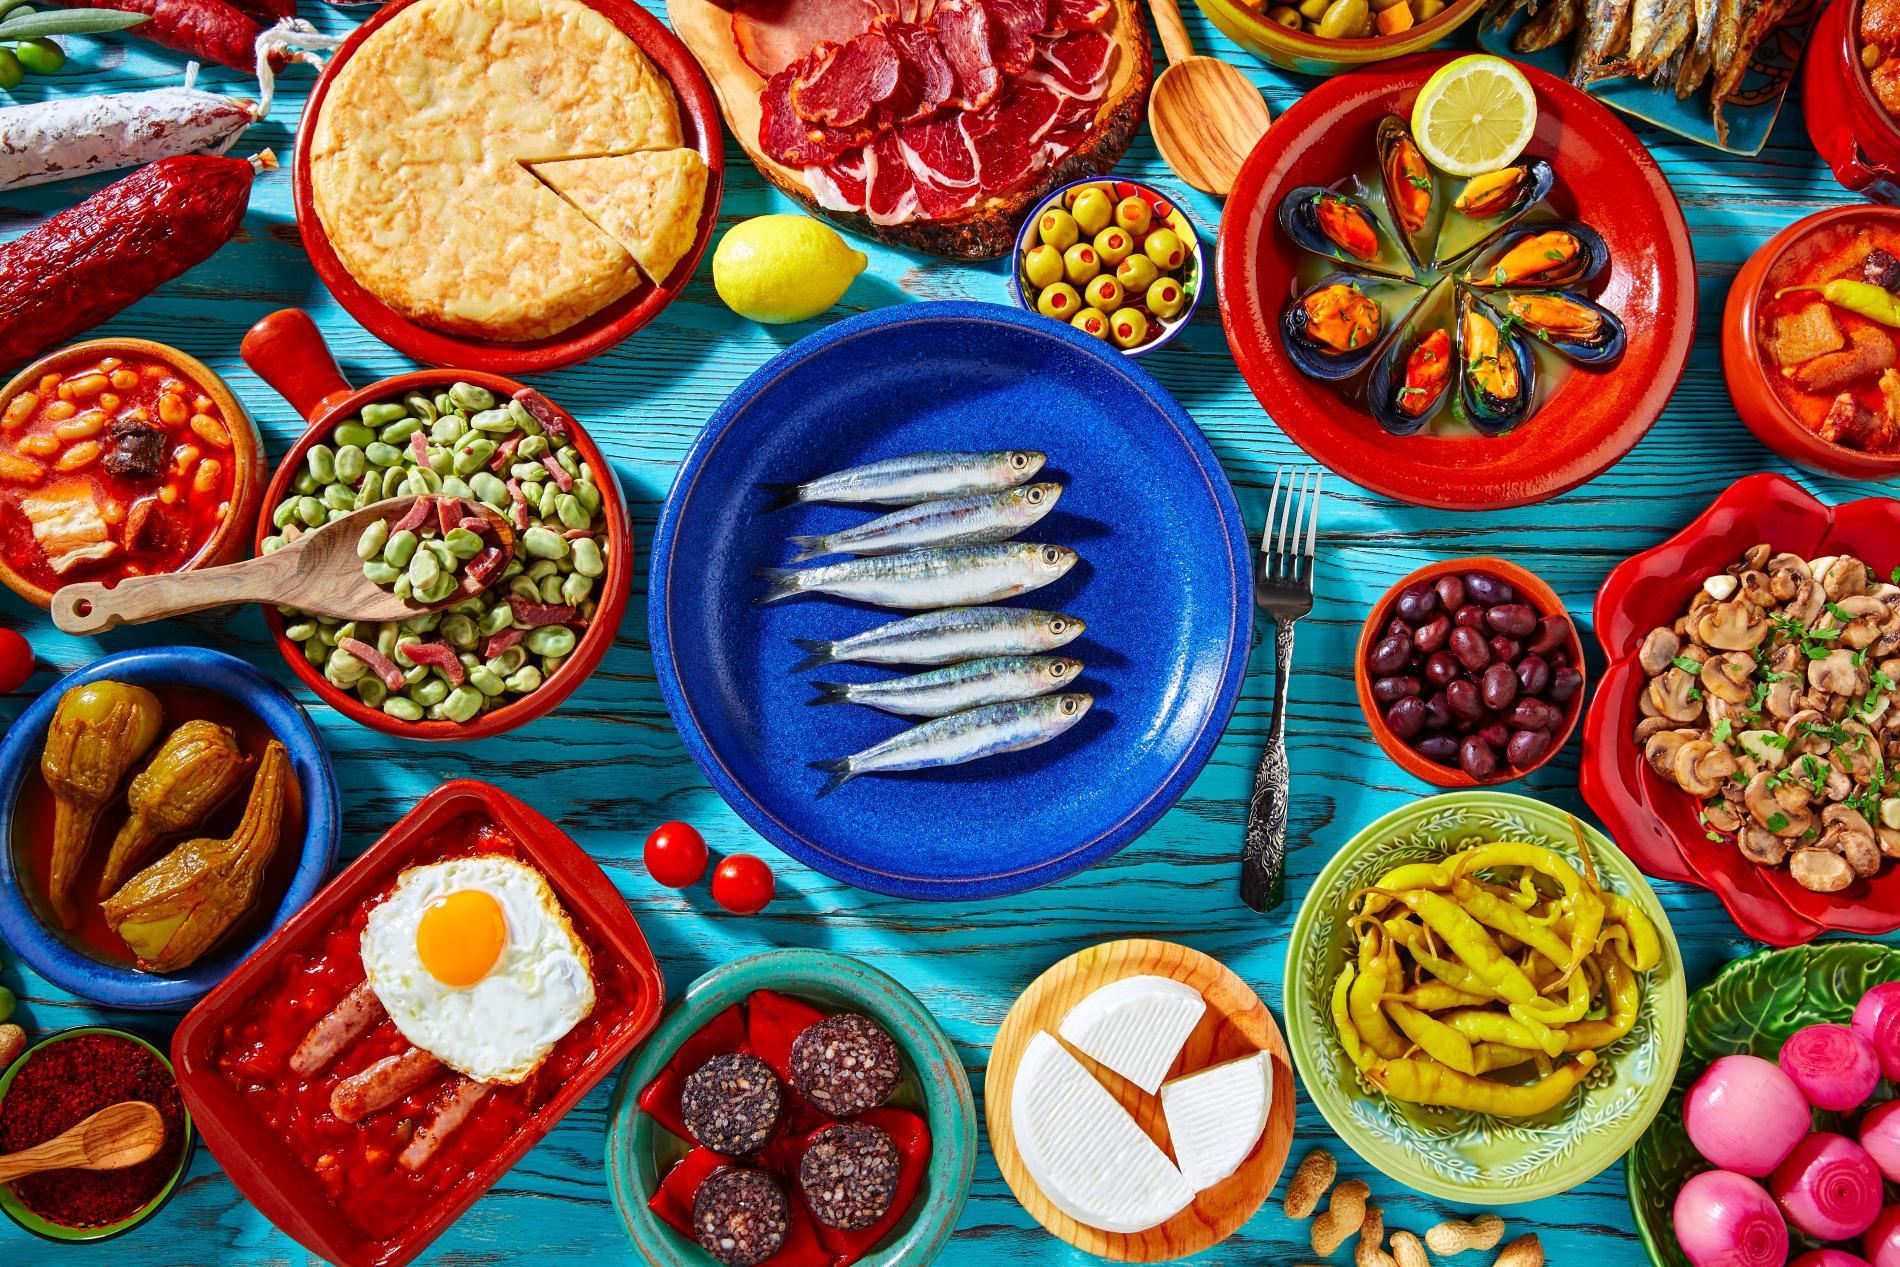 Dessert cuisine espagnole : Recettes faciles et rapides - Cuisine